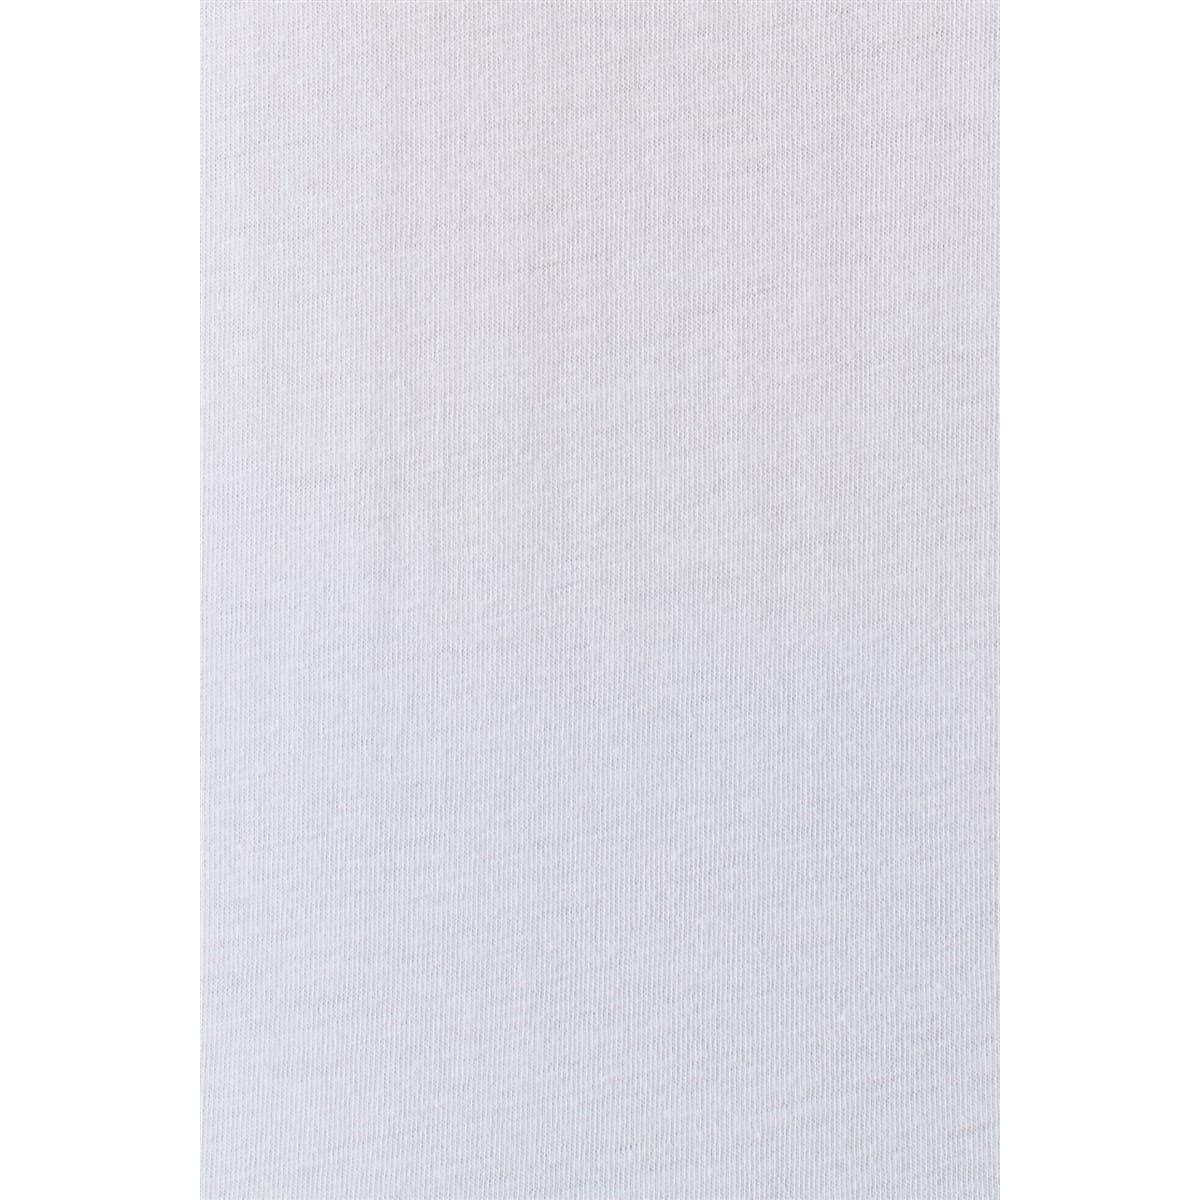 Mavi Baskili Penye Beyaz